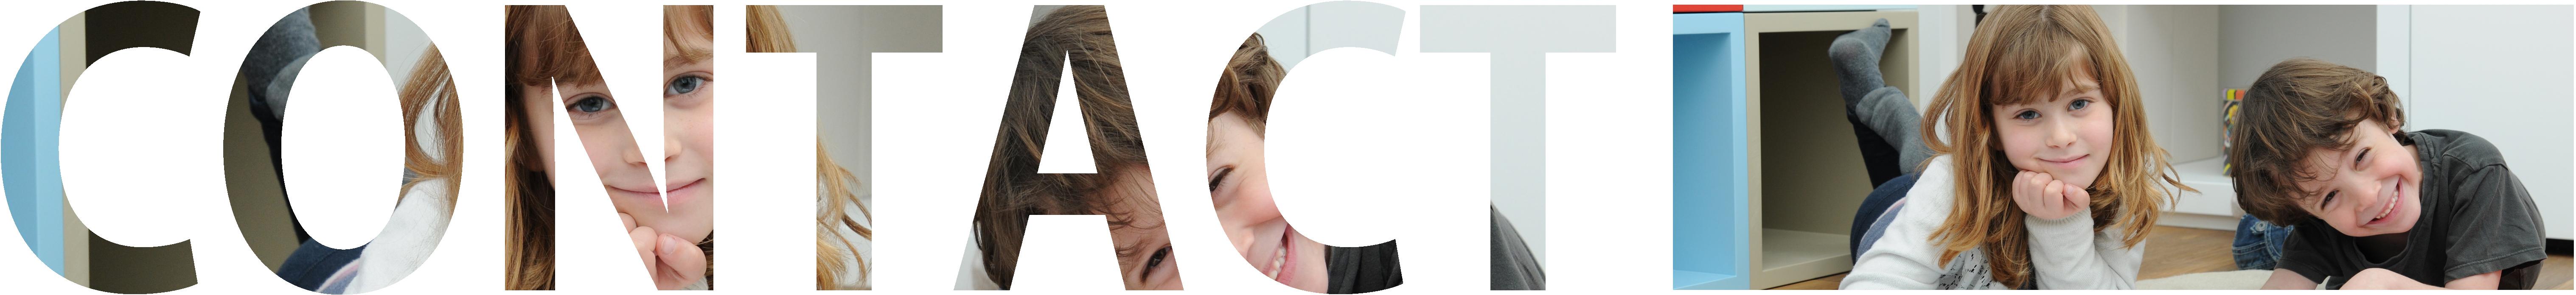 יו-יו ילדים, יצירת קשר